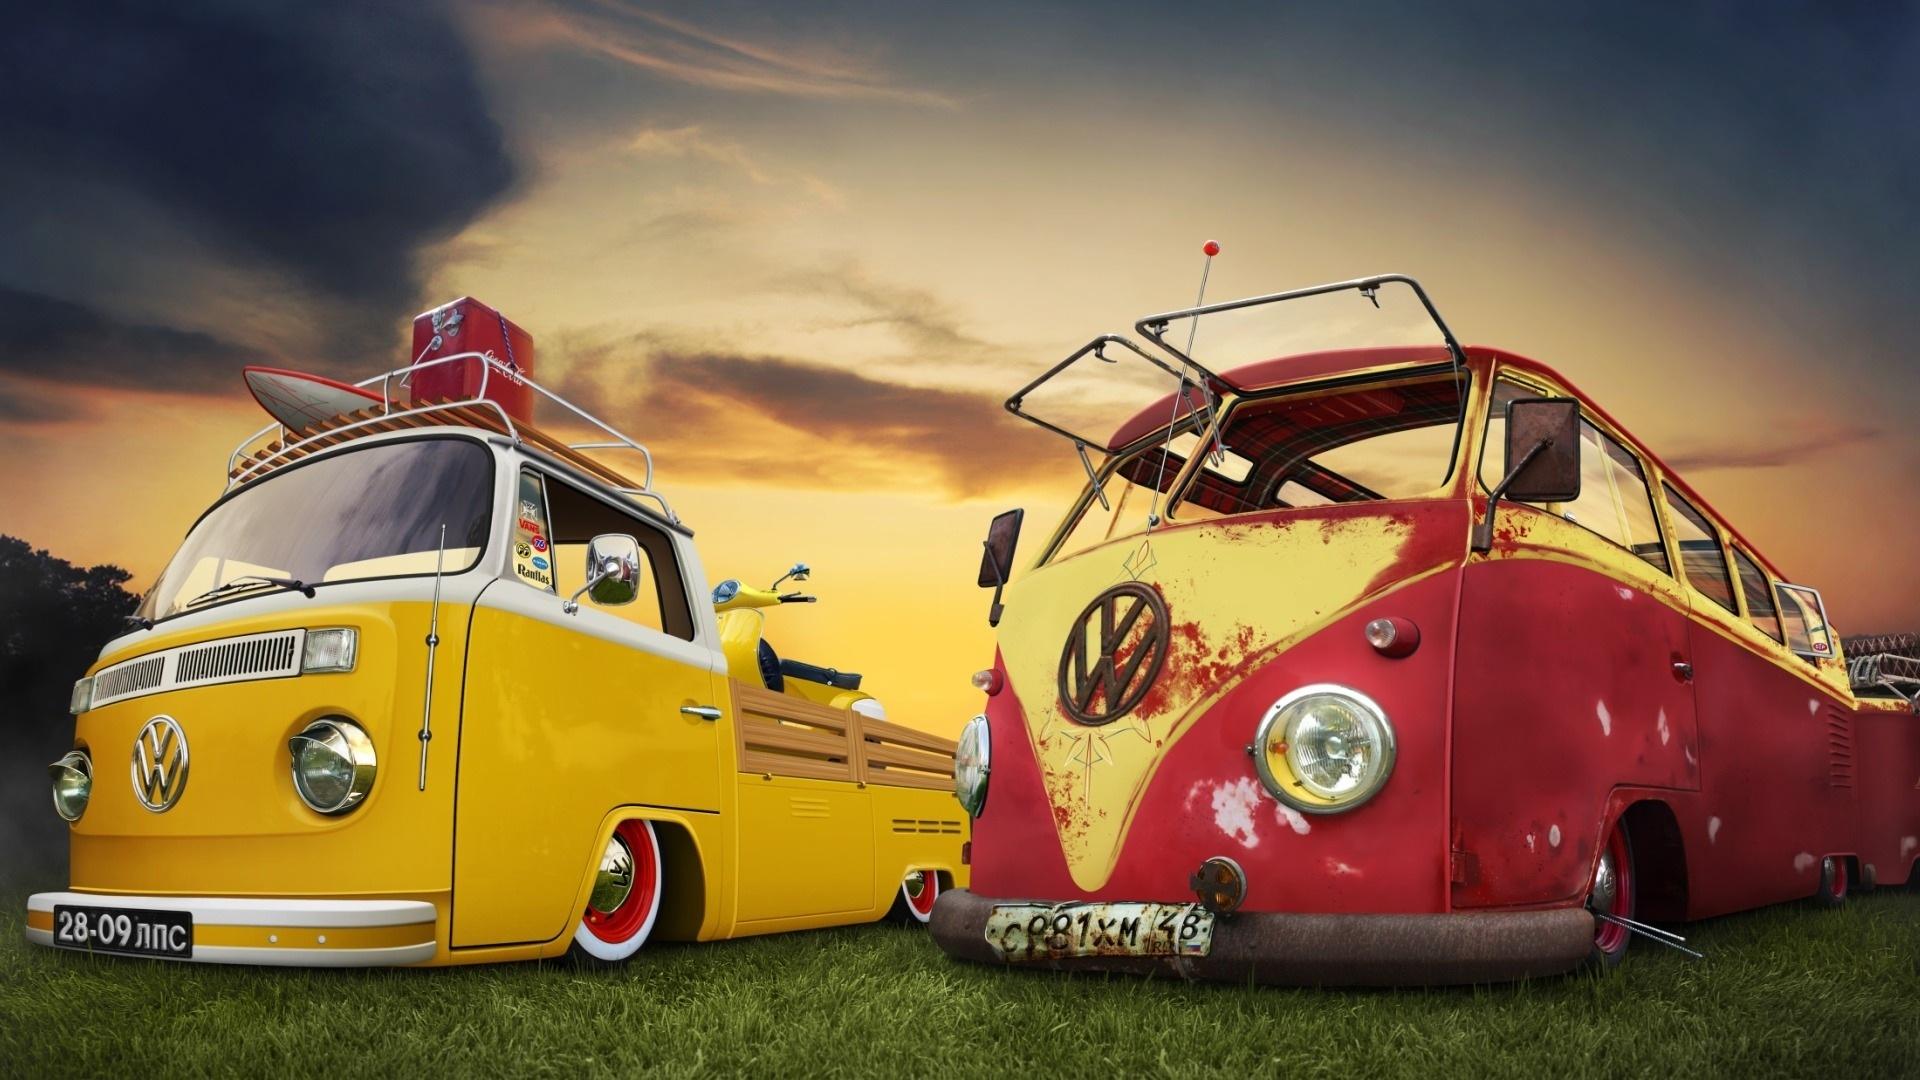 vw combi van hd desktop wallpapers volkswagen hippie bus 1920x1080